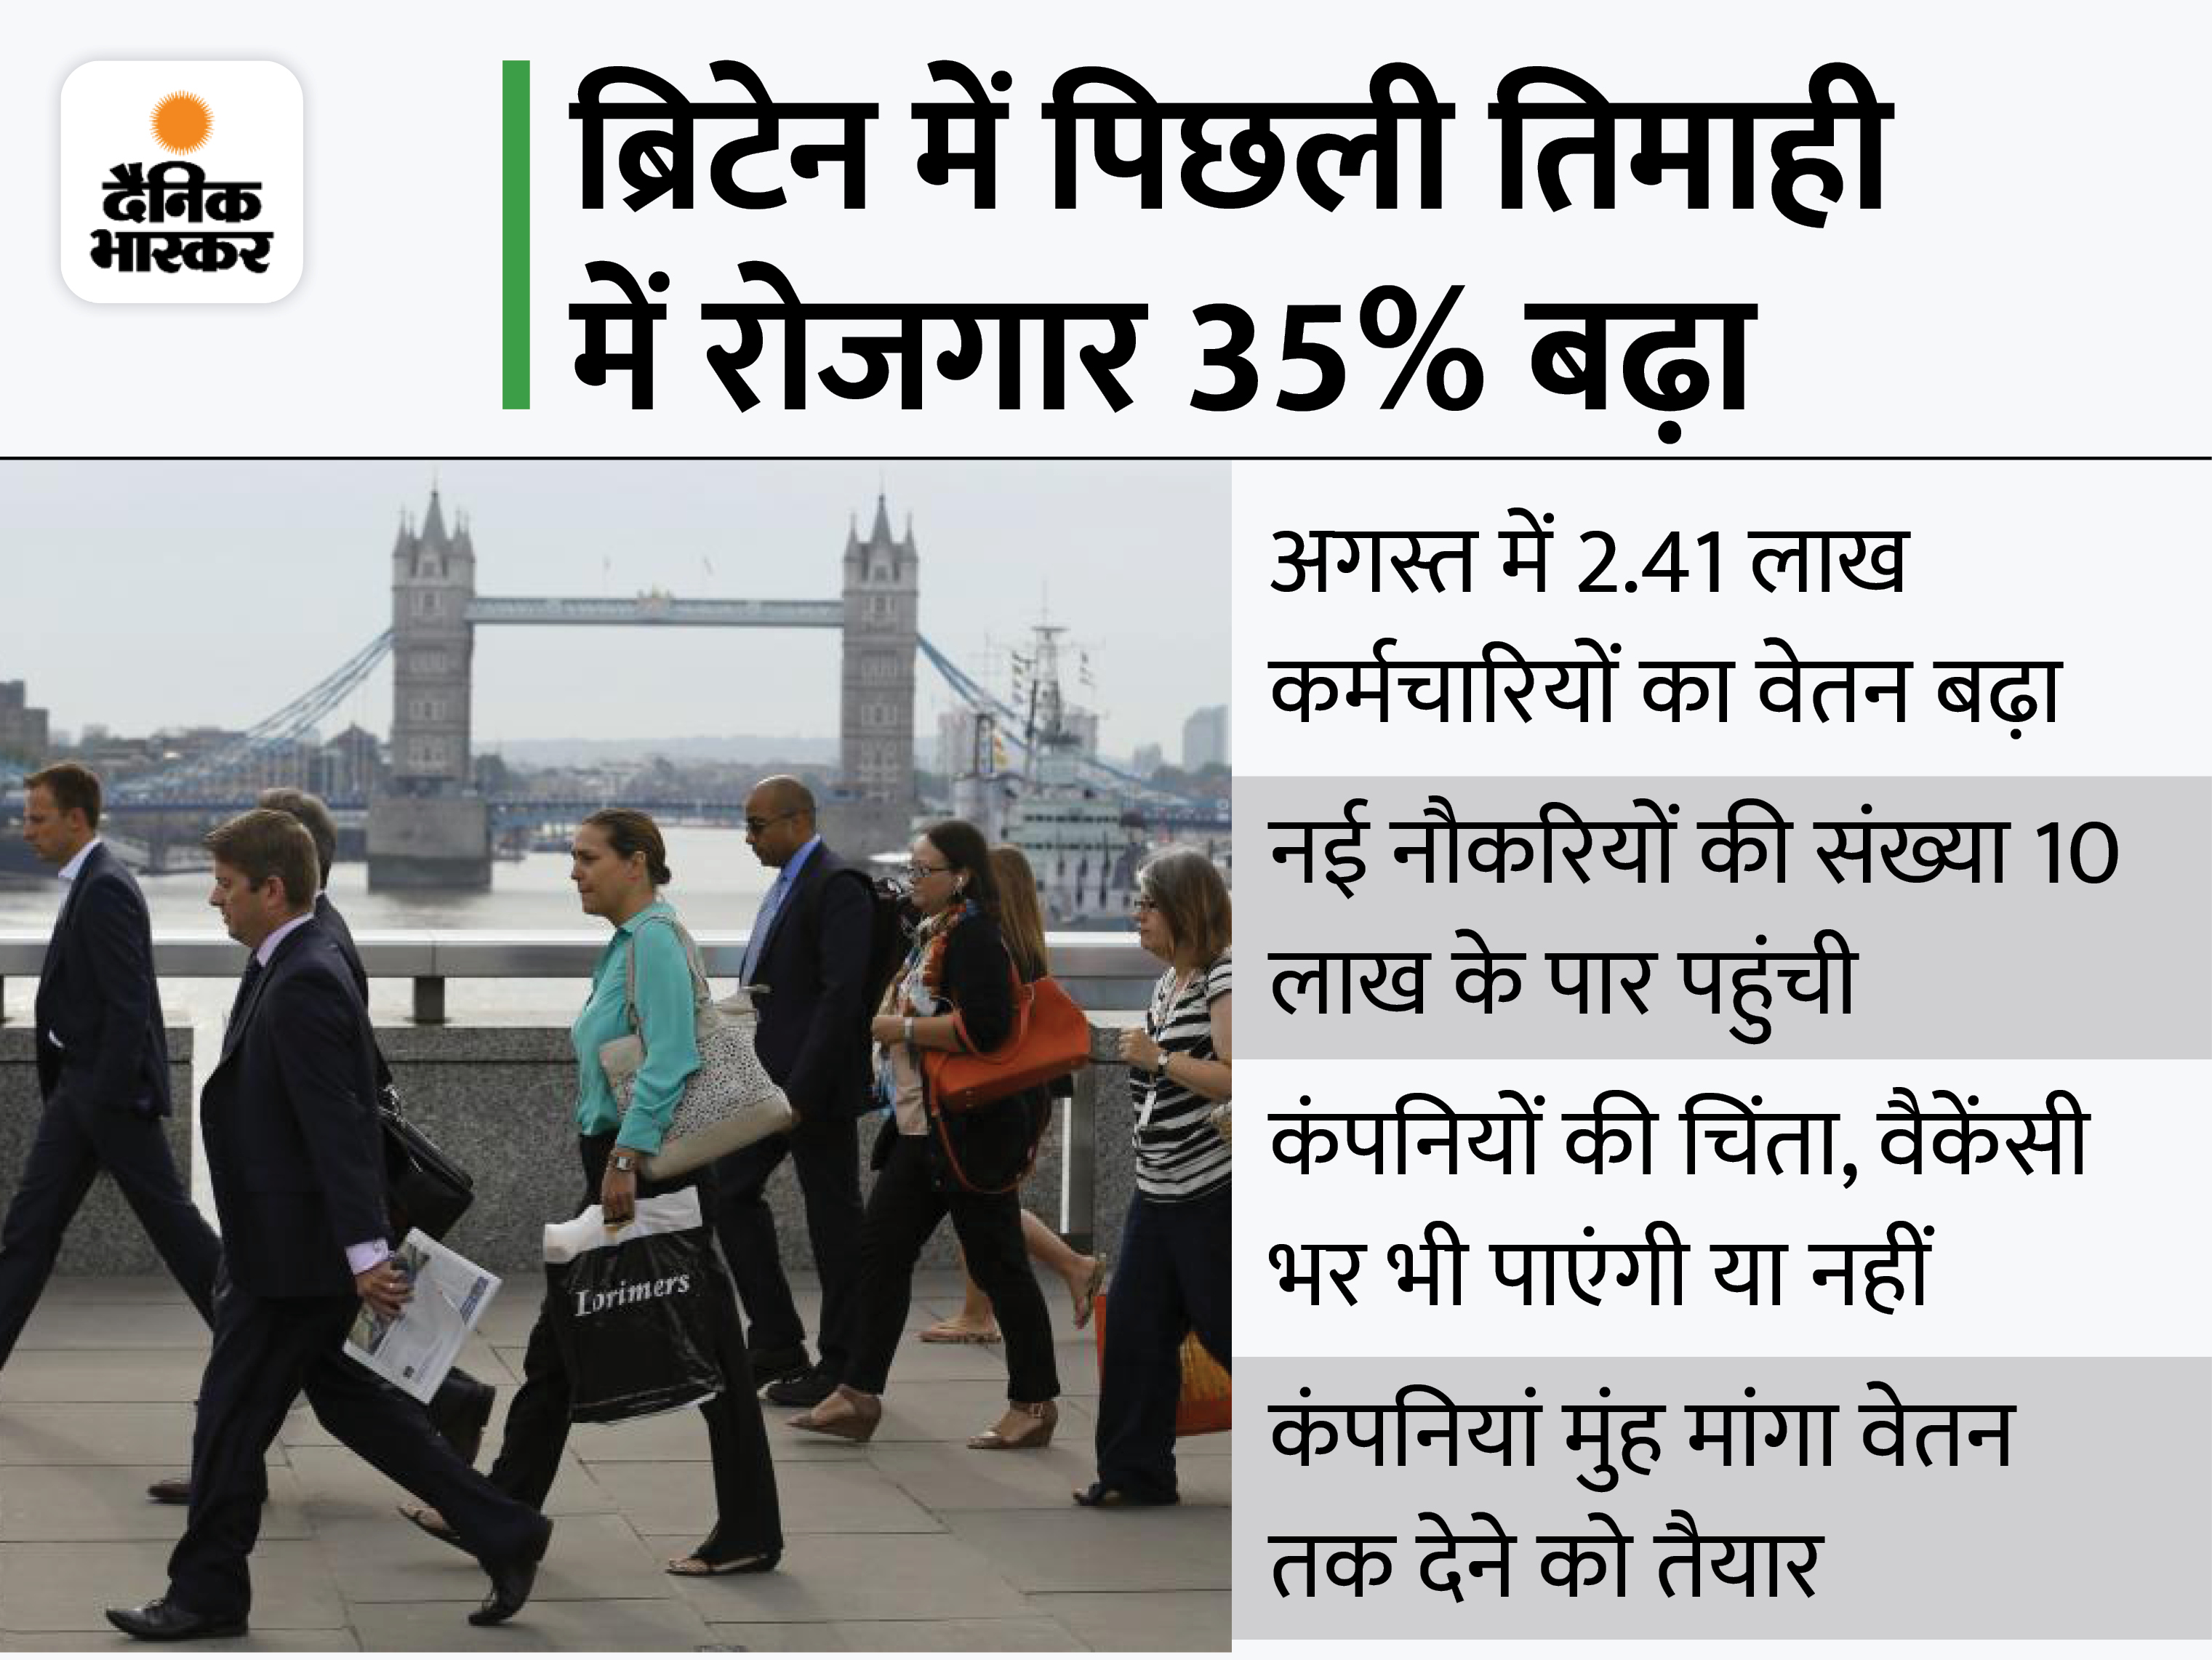 प्री-कोविड लेवल पर पहुंचा नौकरियों में वेतन, कोरोना में रोजगार पहली बार 10 लाख के पार|बिजनेस,Business - Dainik Bhaskar